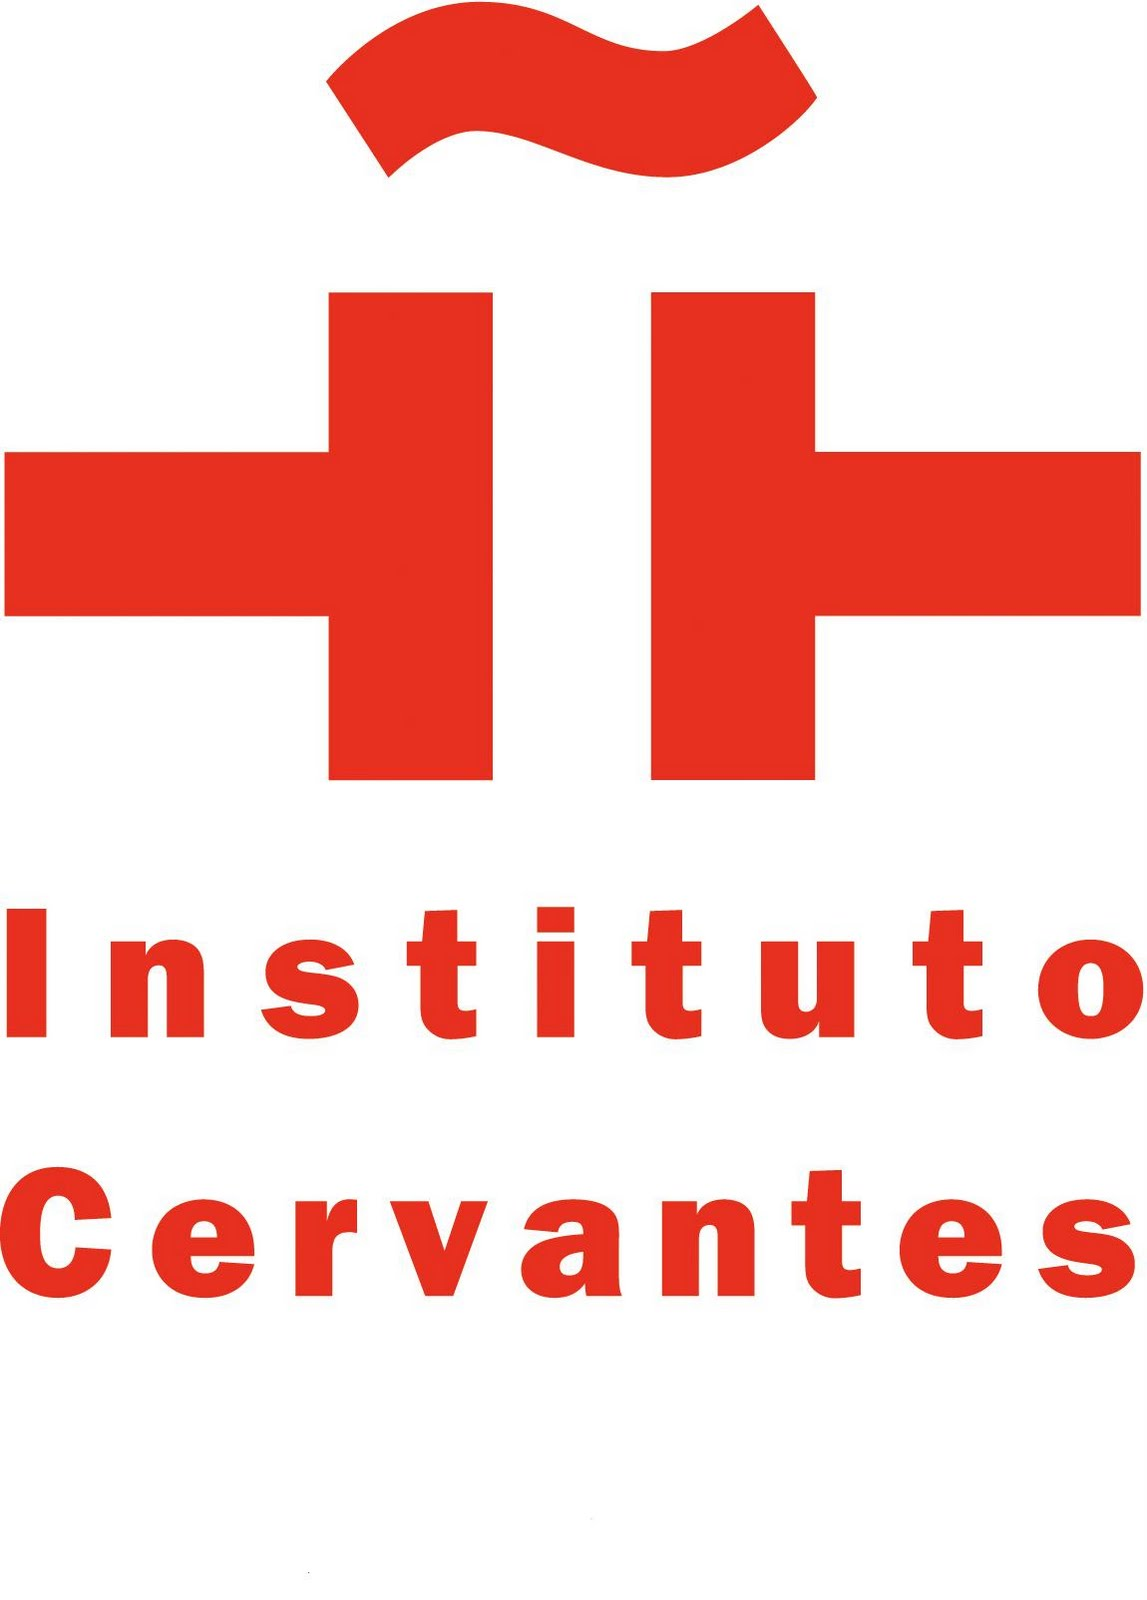 Instituto-Cervantes.jpg